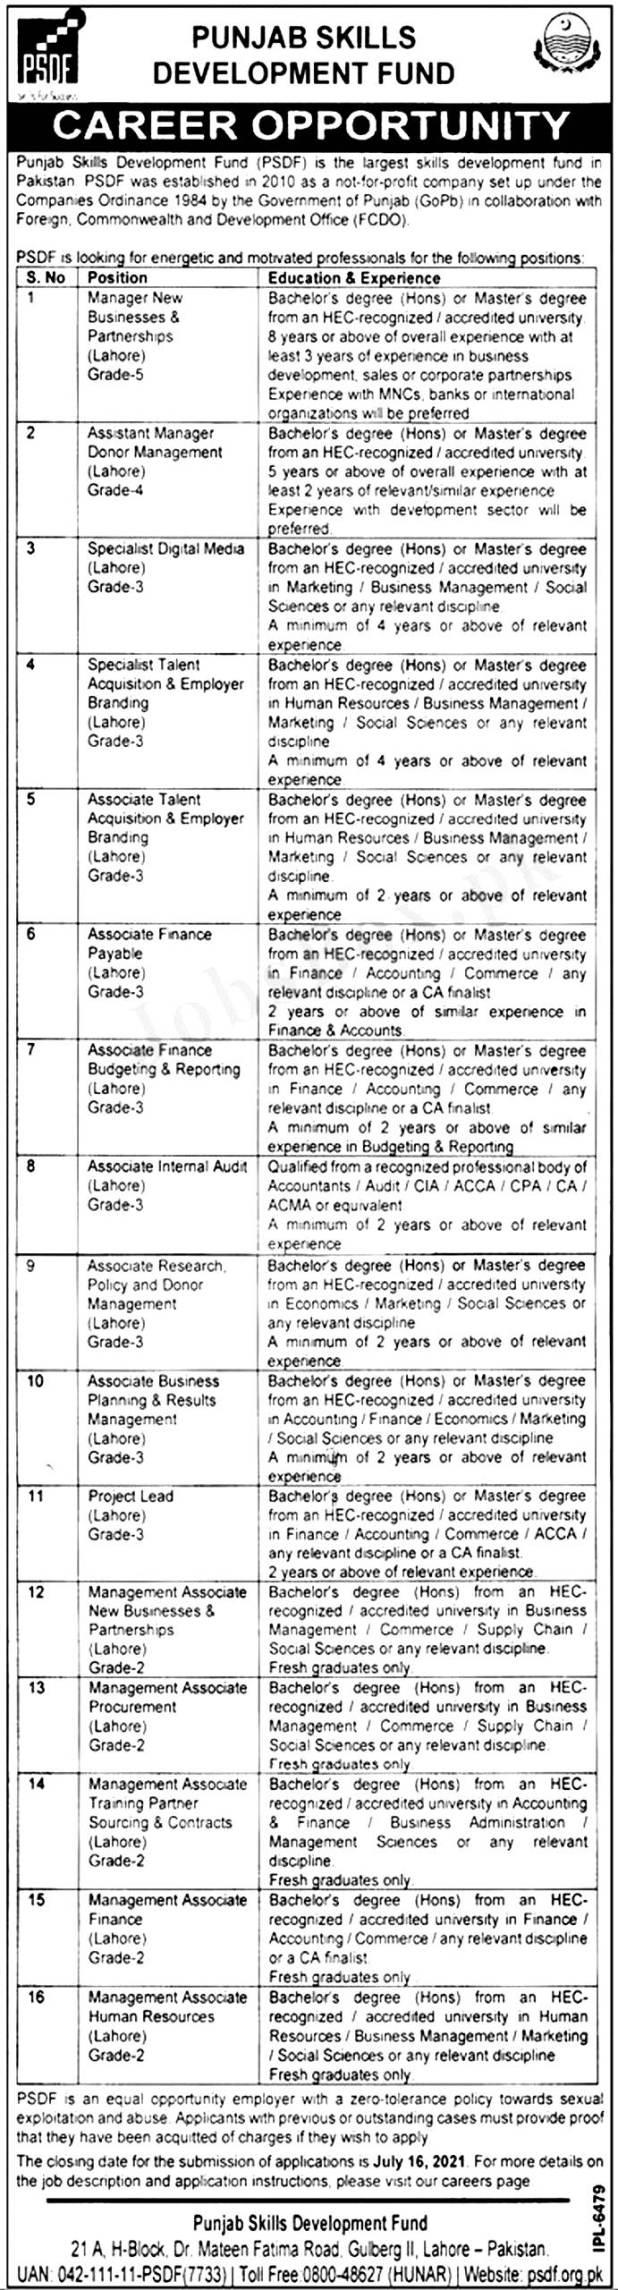 Punjab Skills Development Fund PSDF Jobs 2021 Application Form Download